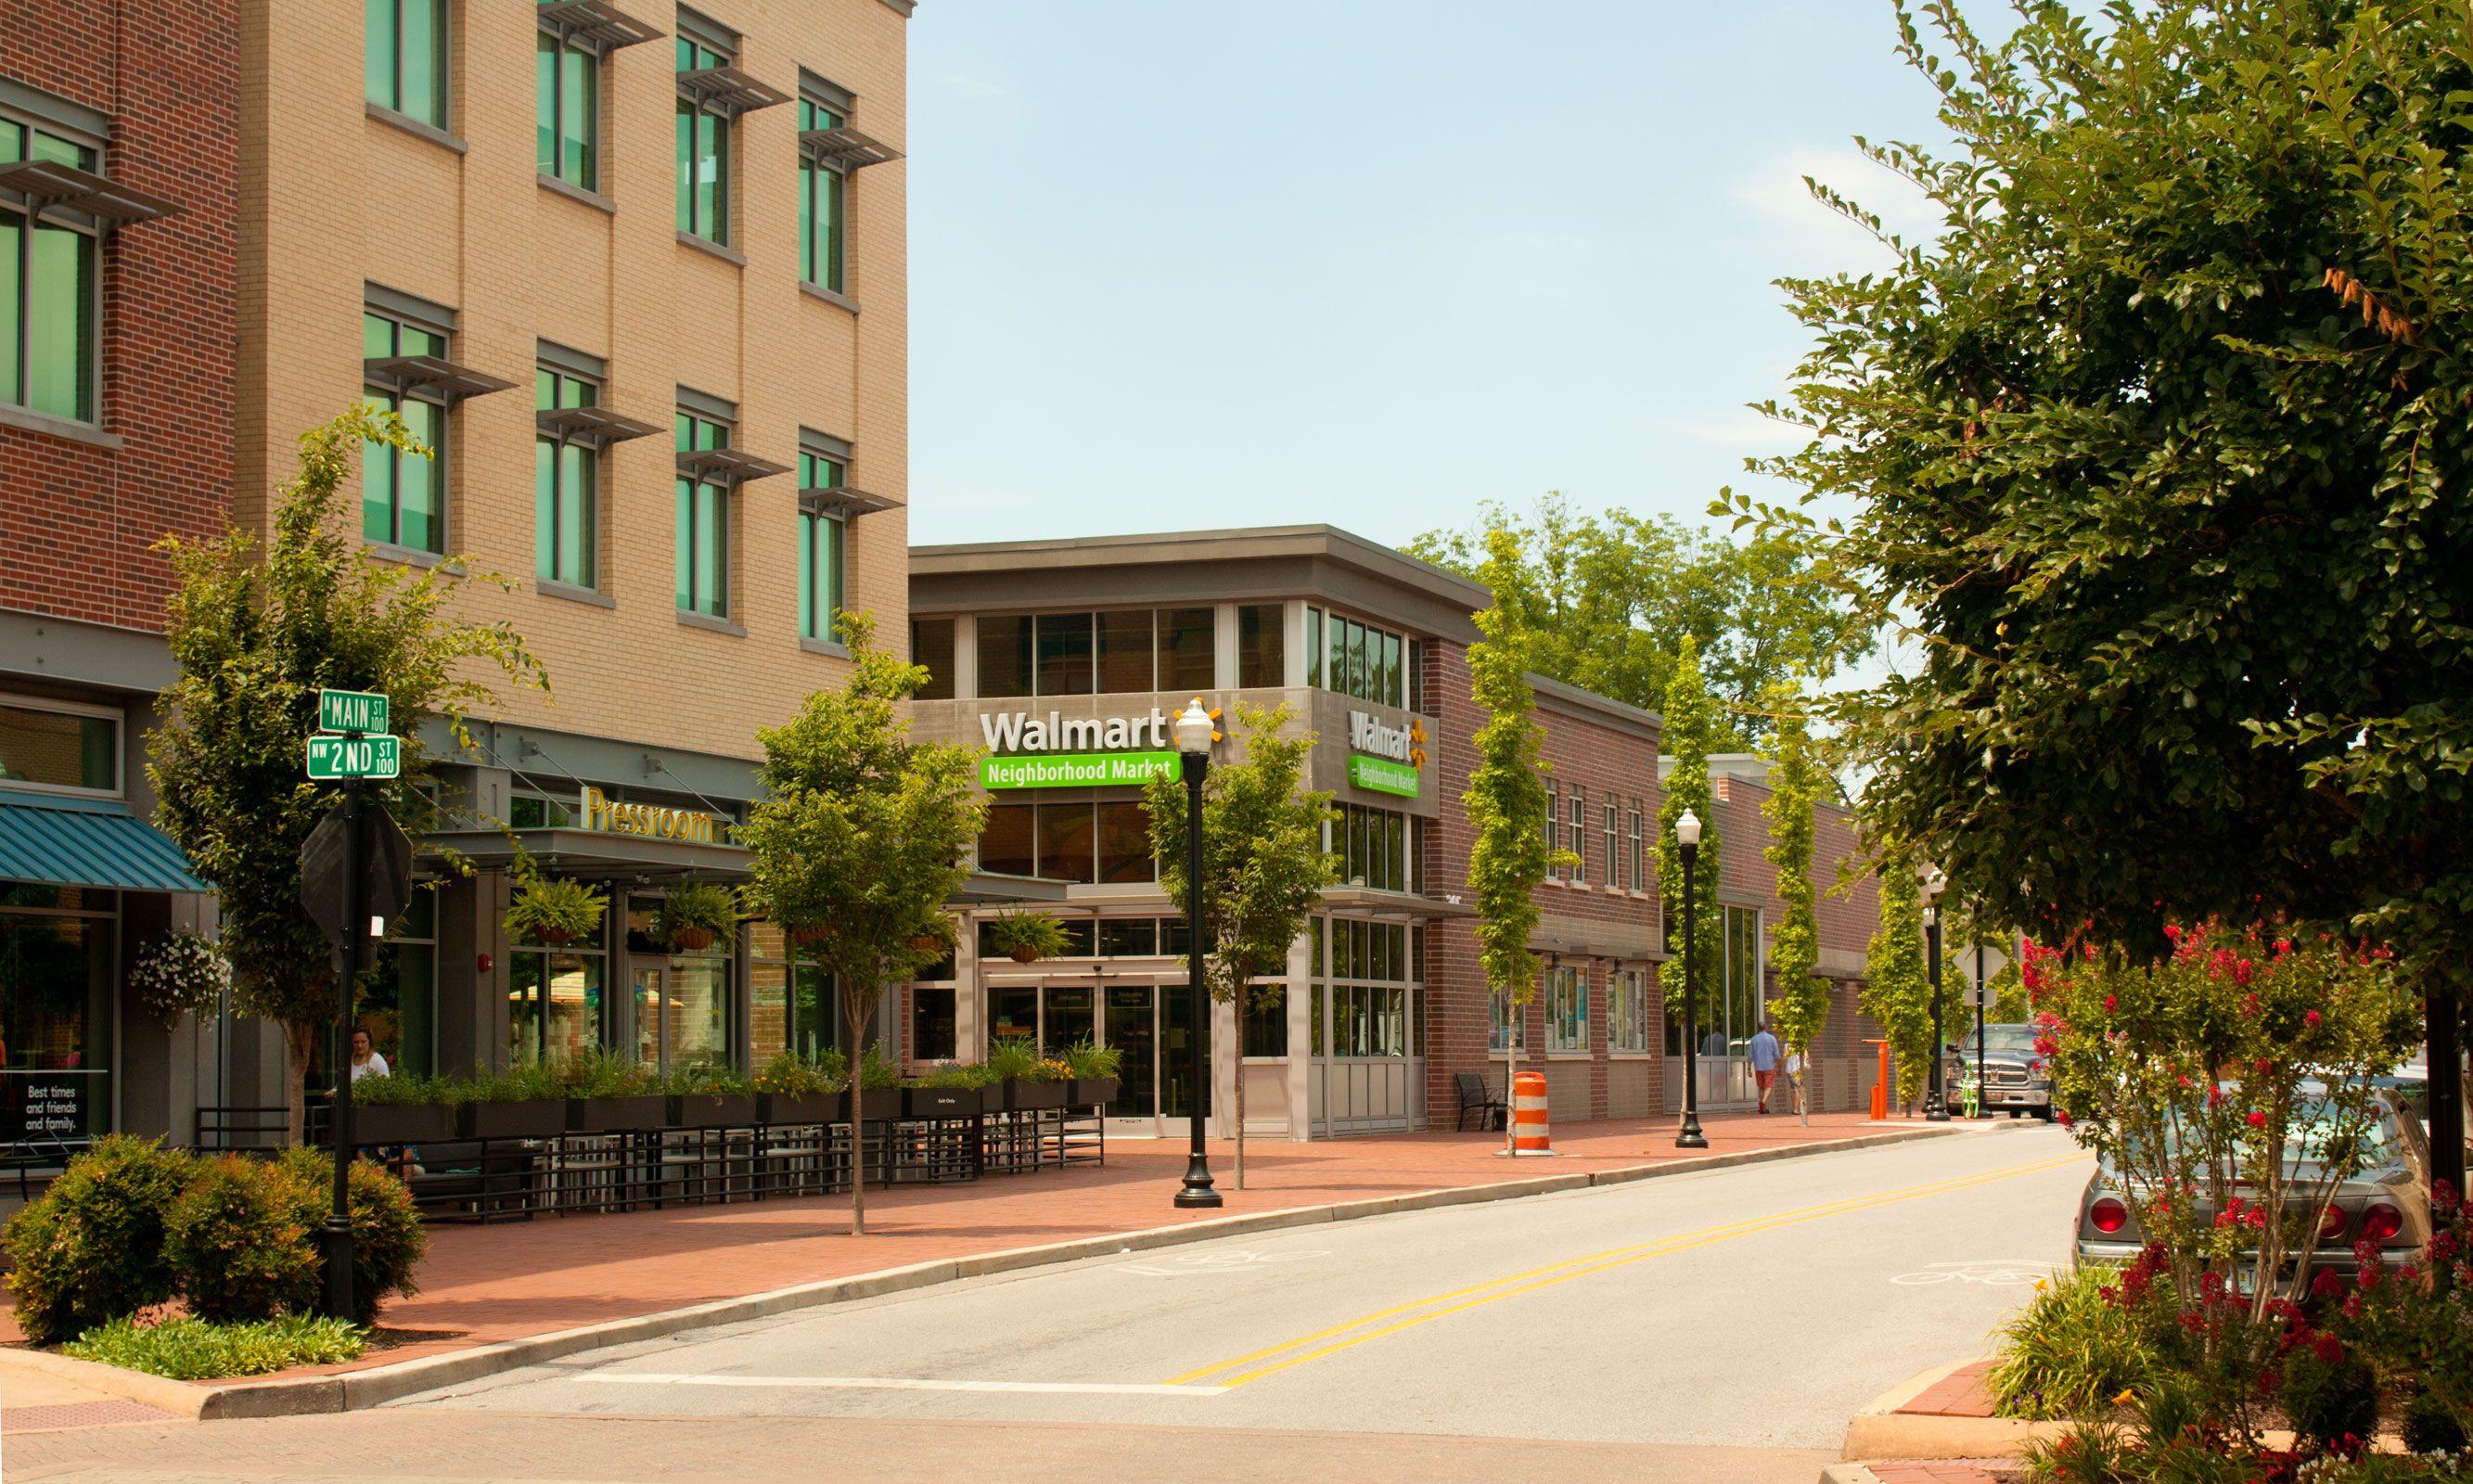 A Walmart Neighborhood Market located in downtown Bentonville ...